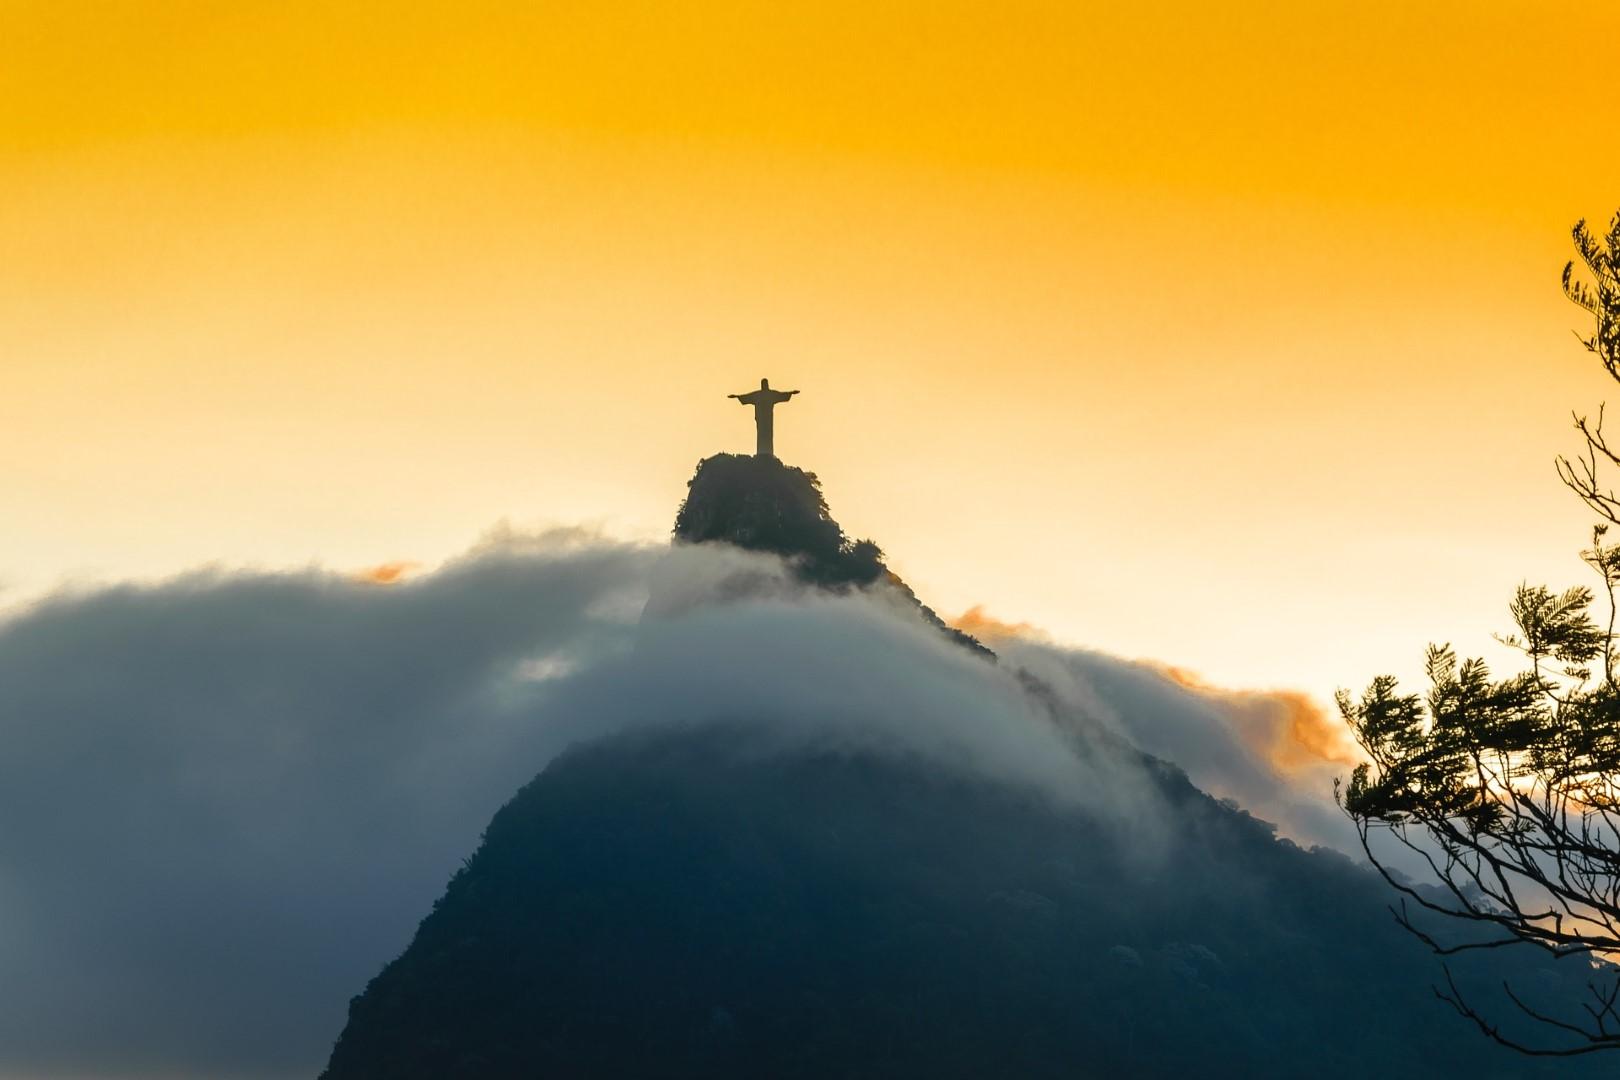 Gerenciamento de Redes Sociais em Inhaúma – Rio de Janeiro – RJ